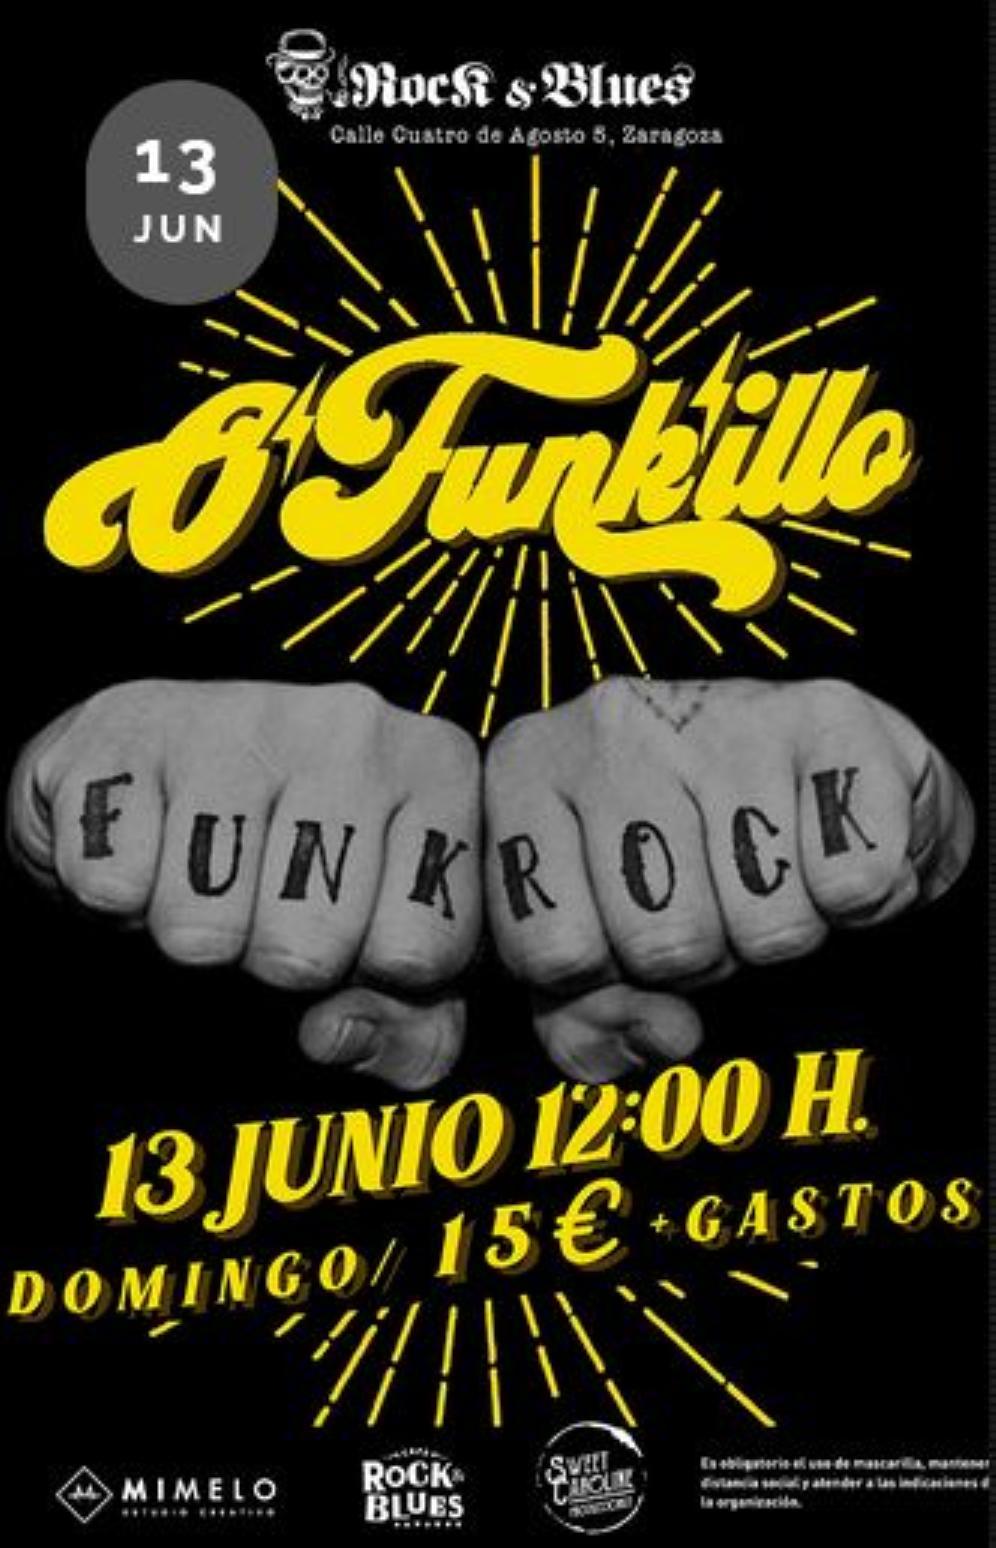 O`Funkillo 13 junio Rock and blues zaragoza